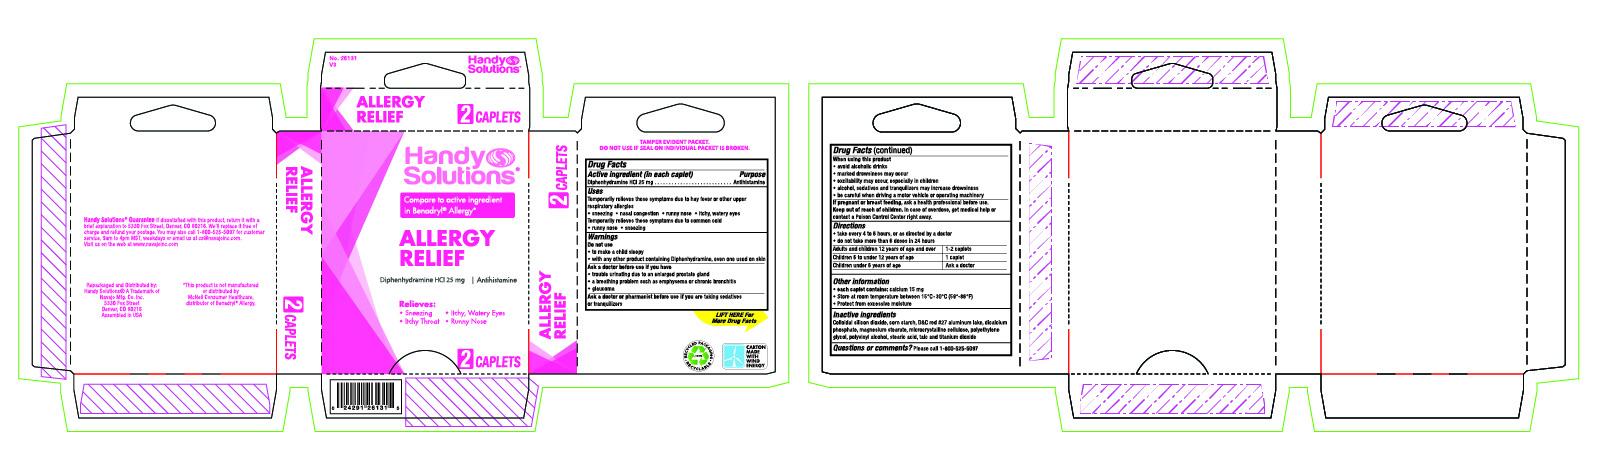 Handy Solutions Allergy Relief